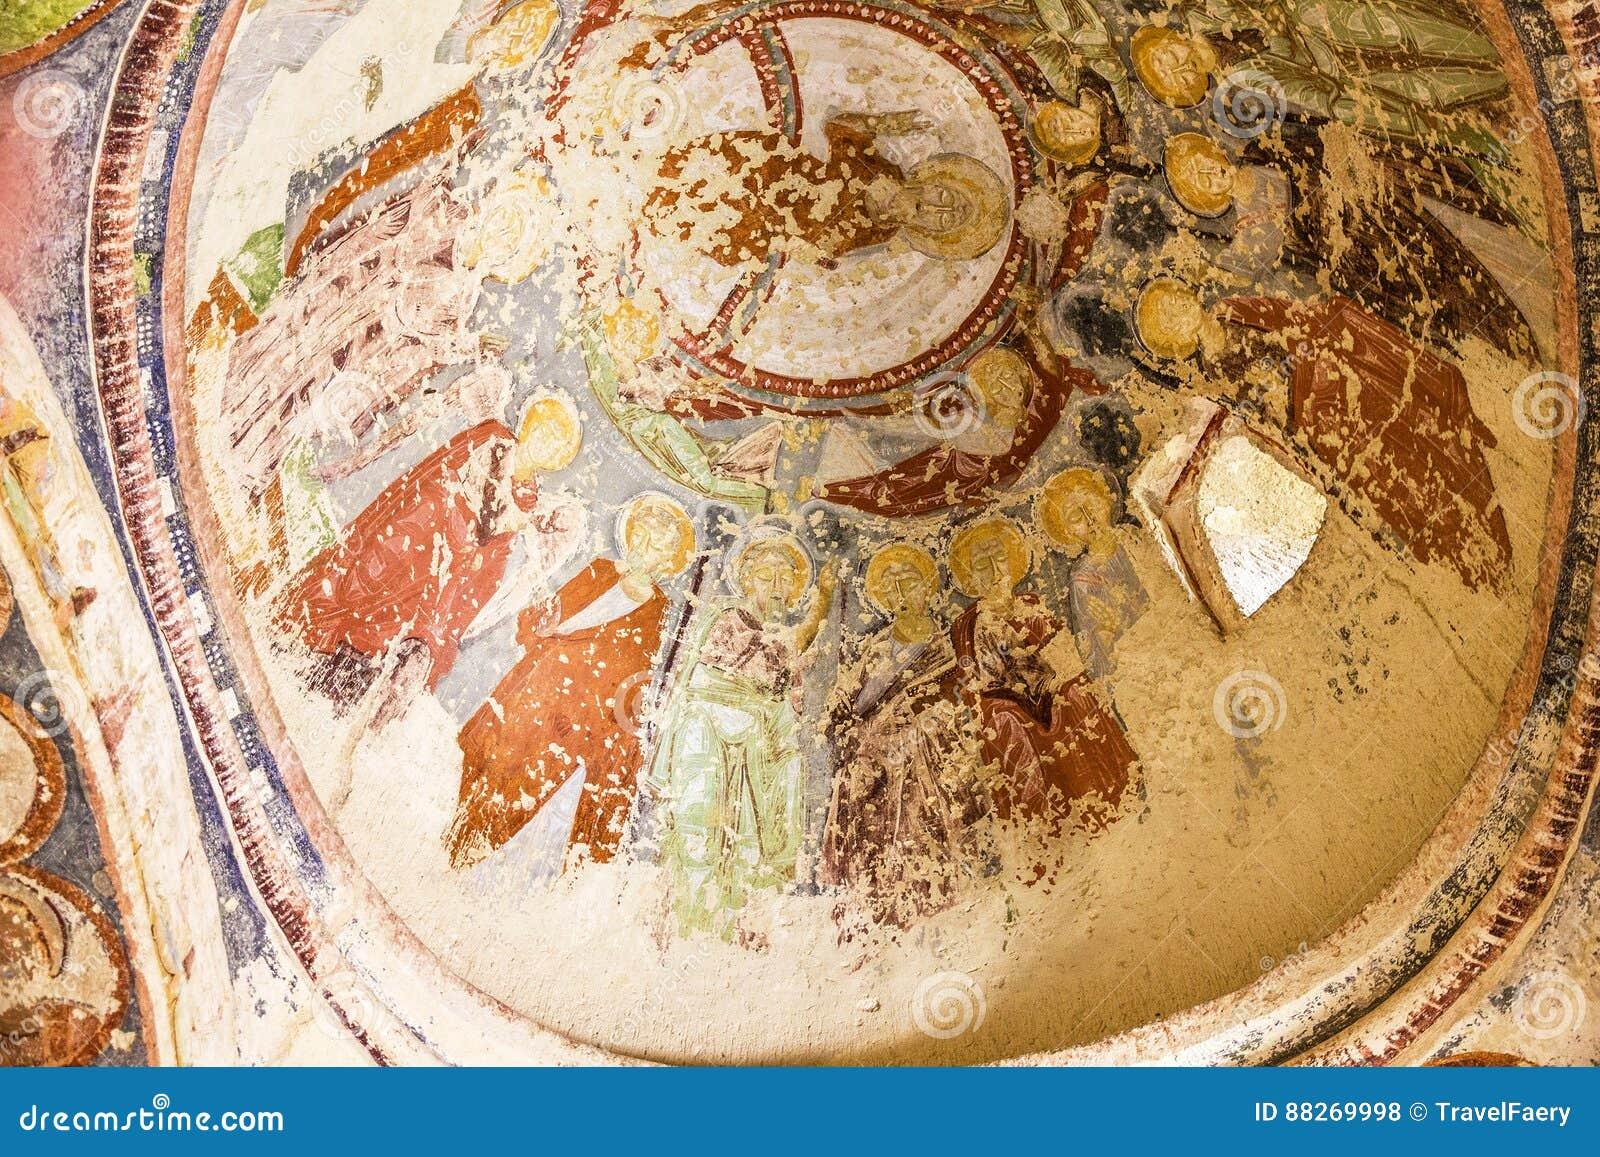 Tidig kristen freskomålning i den ortodoxa kyrkan El Nazar, Cappadocia, Turkiet för grotta Goreme öppet museum, Anatolien